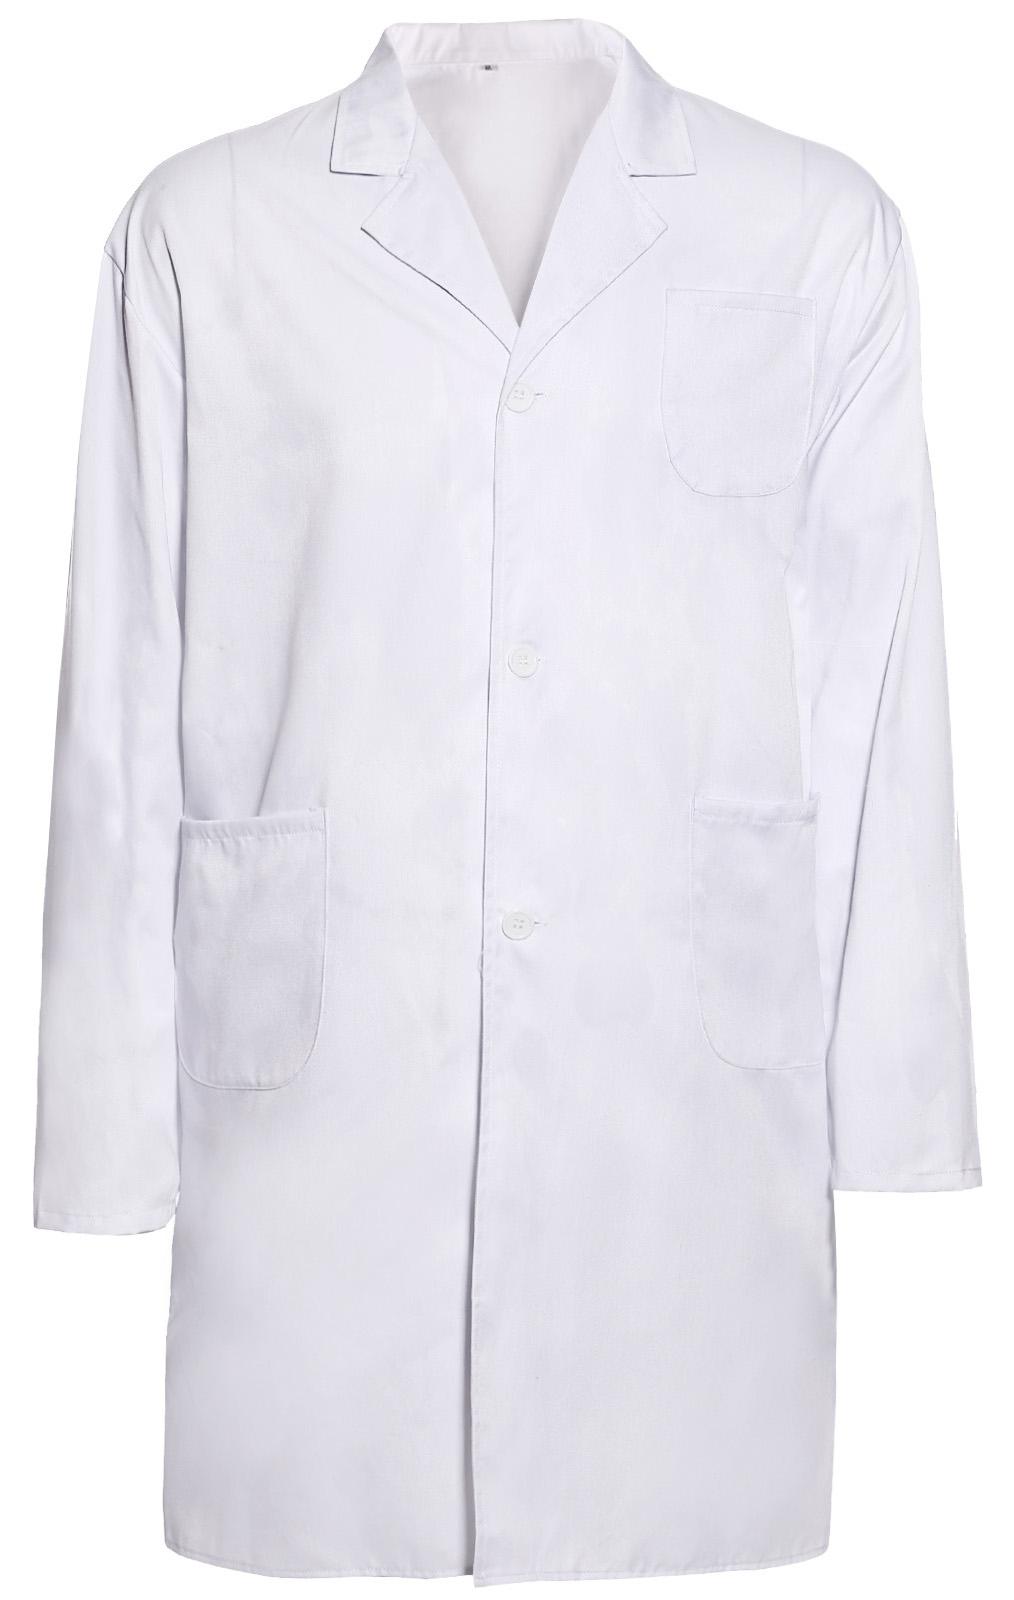 Image result for doctor coat